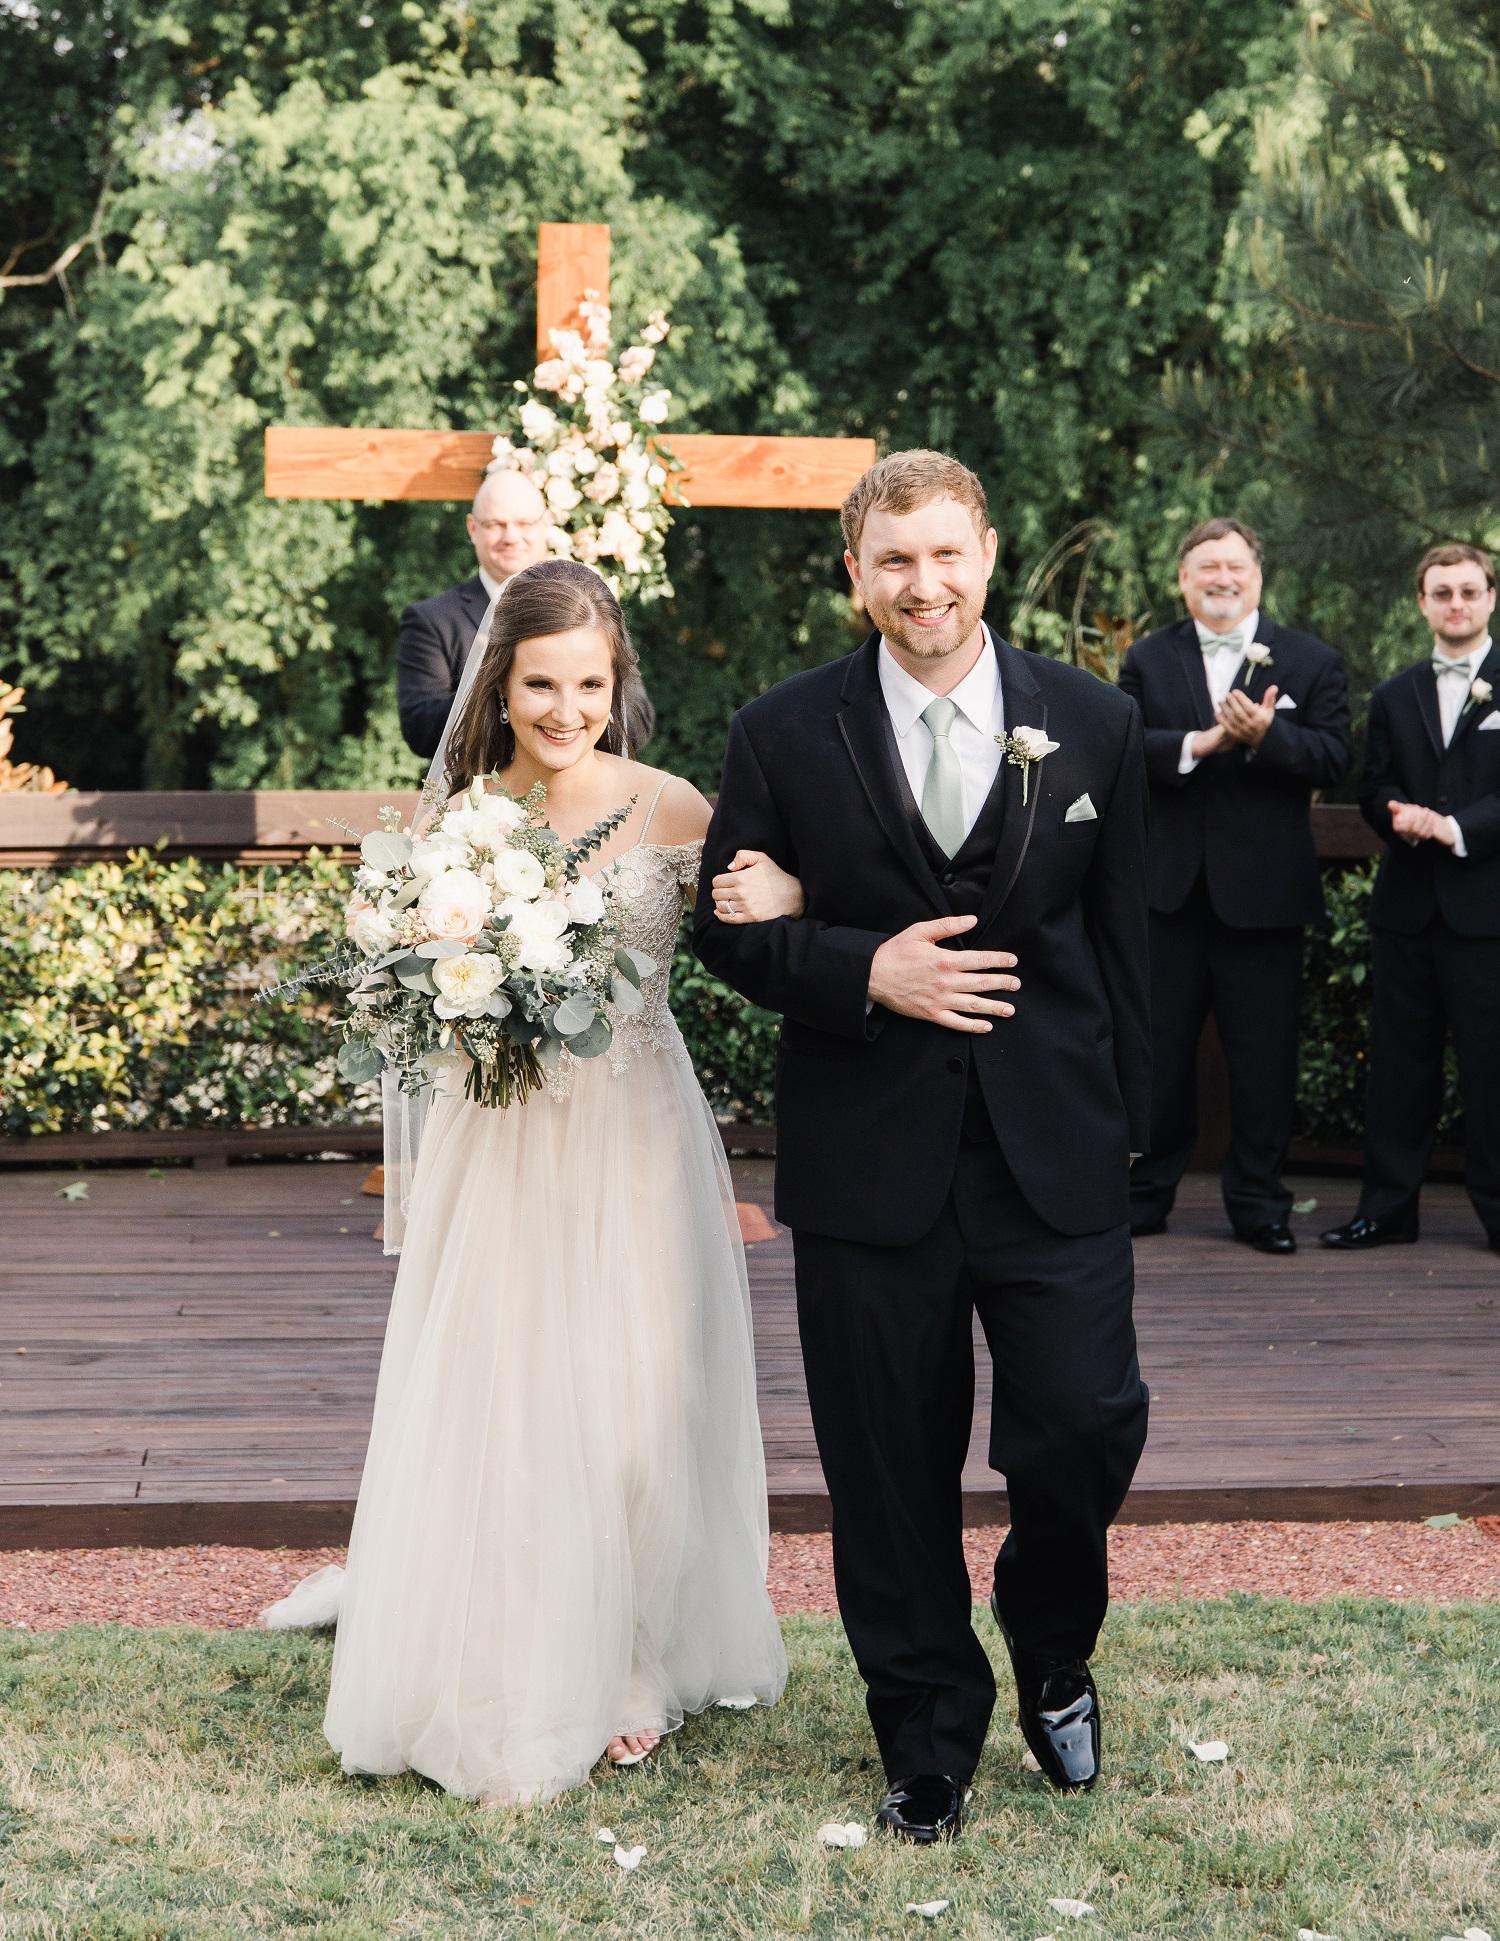 Stewart Wedding 3-15.jpg